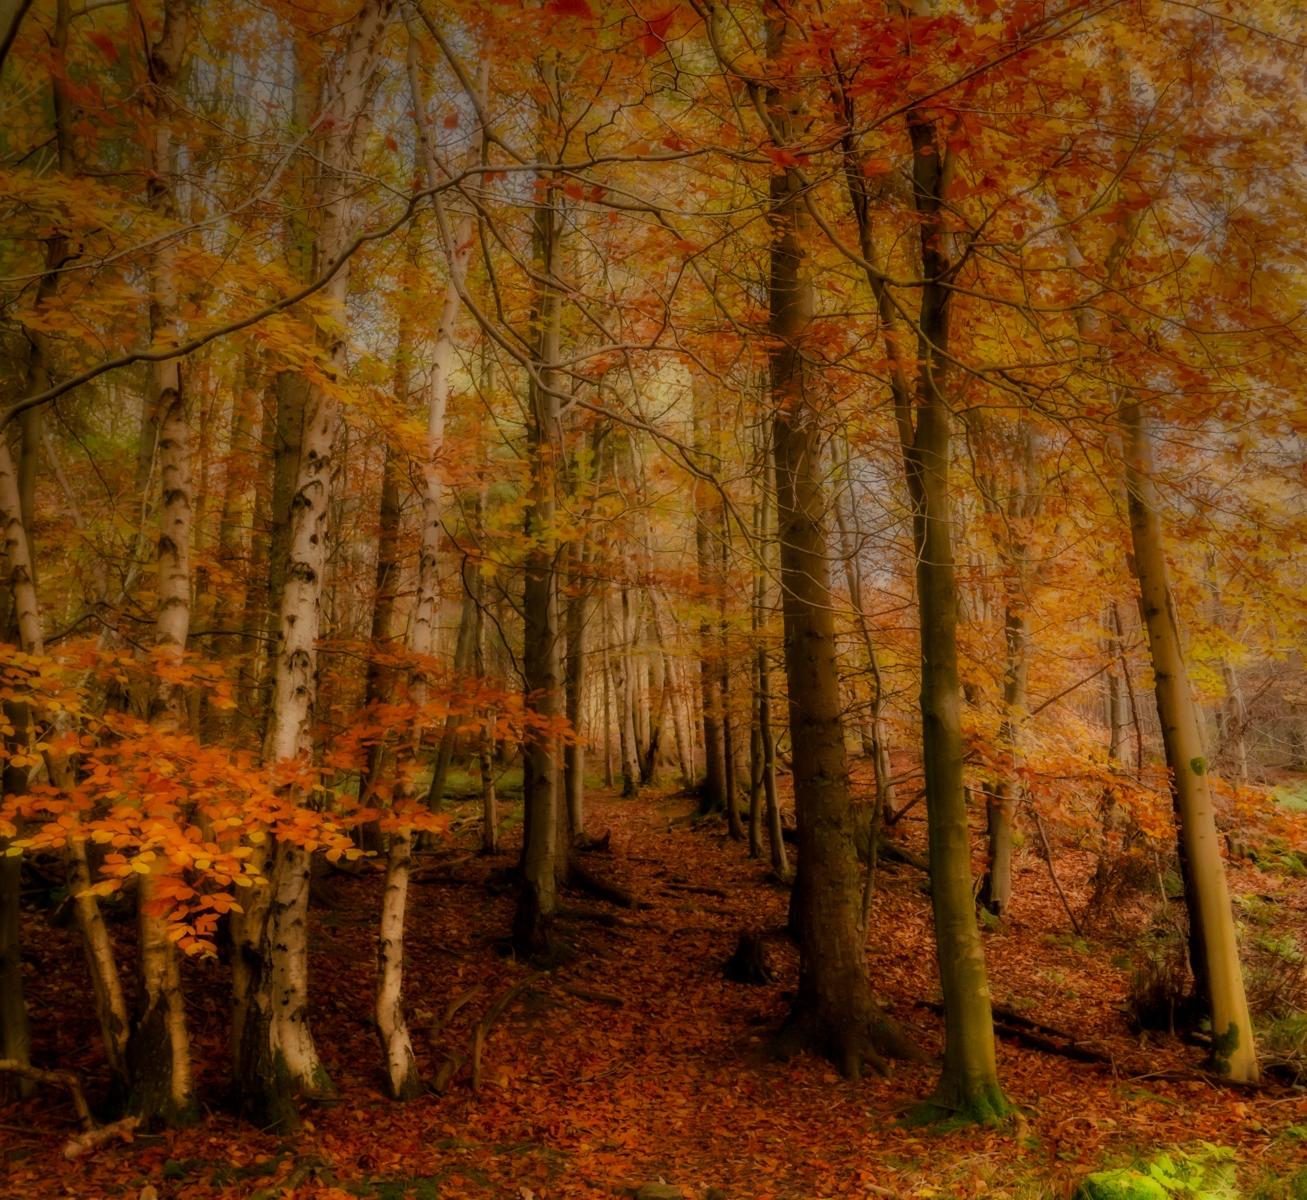 autumn mist - Suzanne Lamb